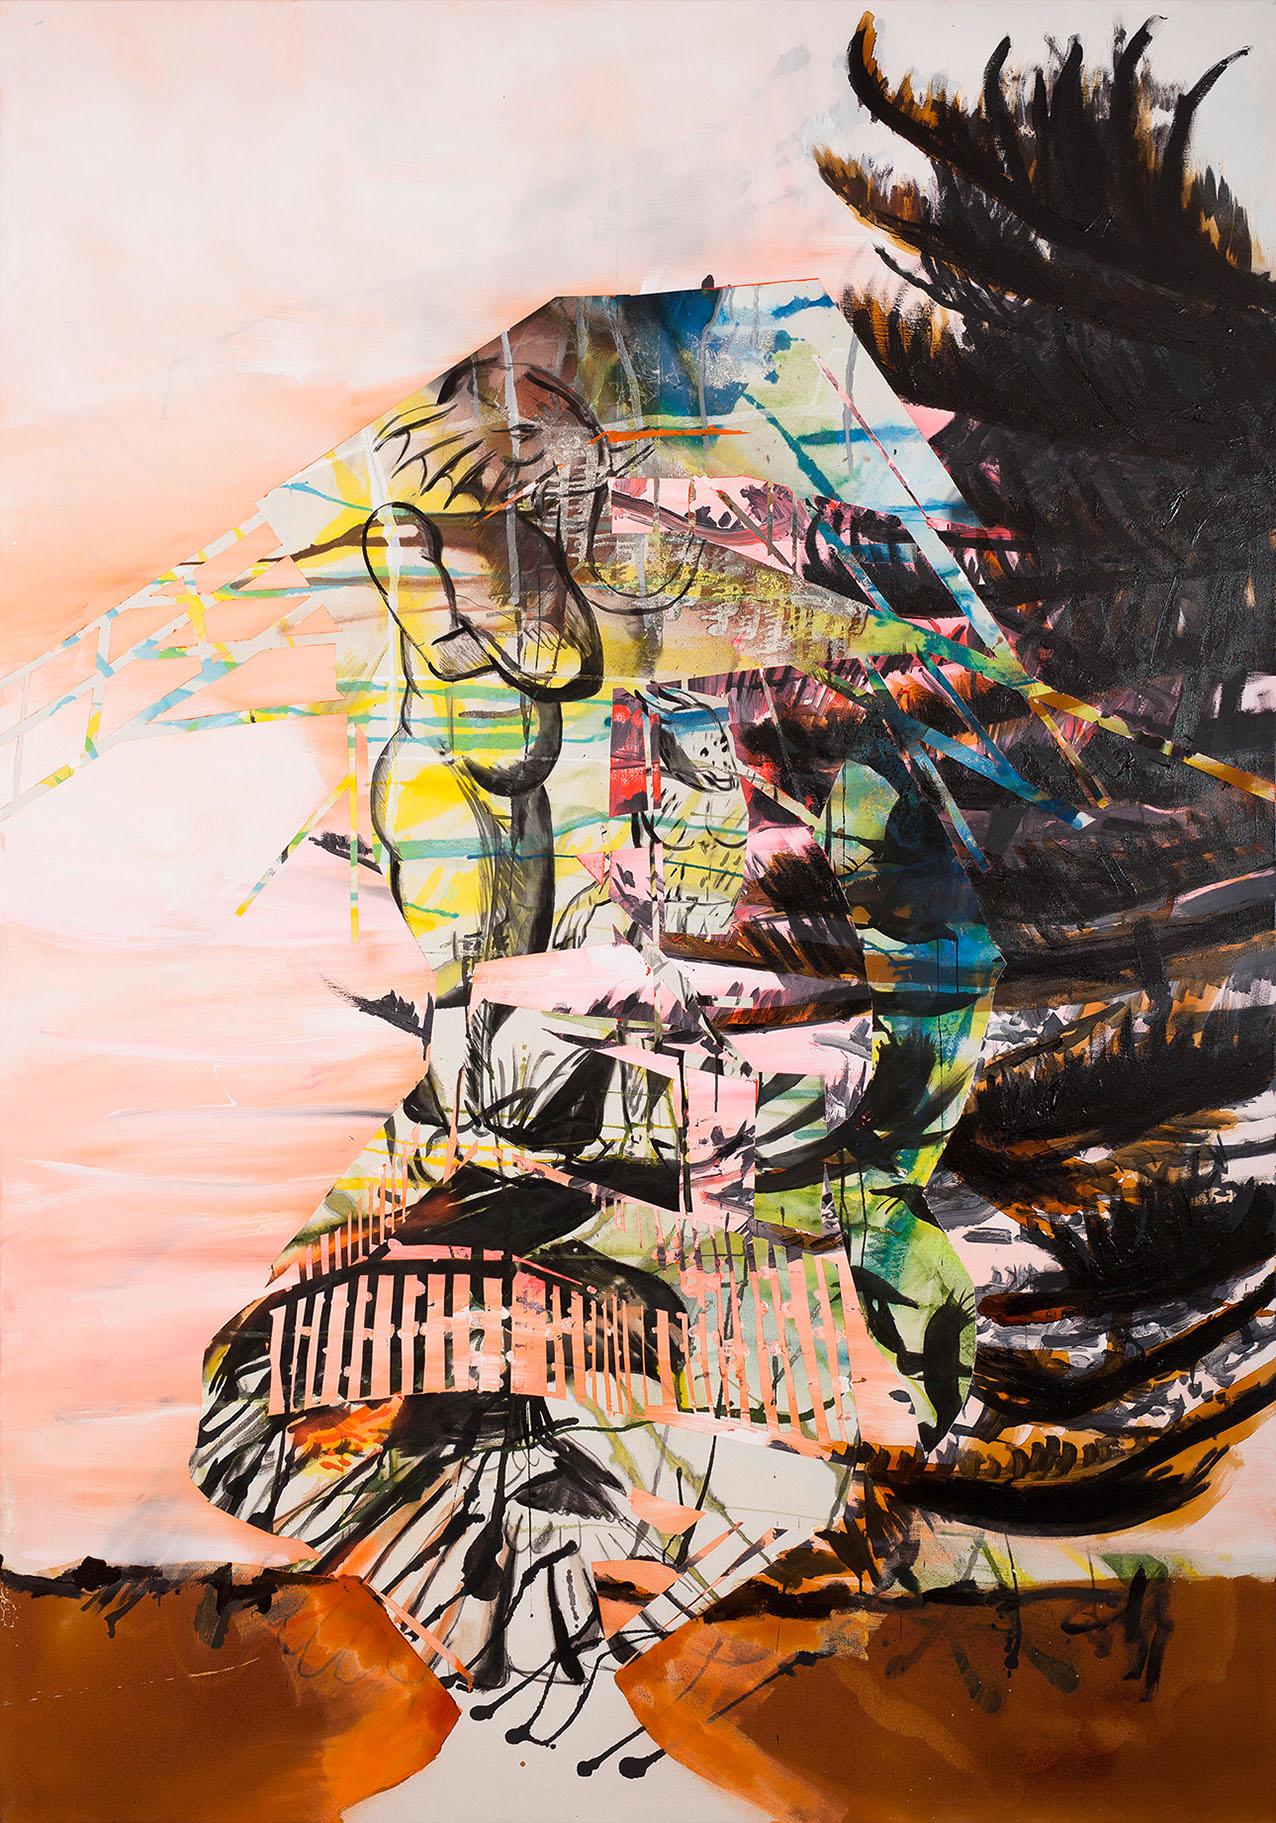 """o.T. aus """"Alm Alb Pacific"""", 2015, 270 x 190 cm, Mischtechnik auf Leinwand"""